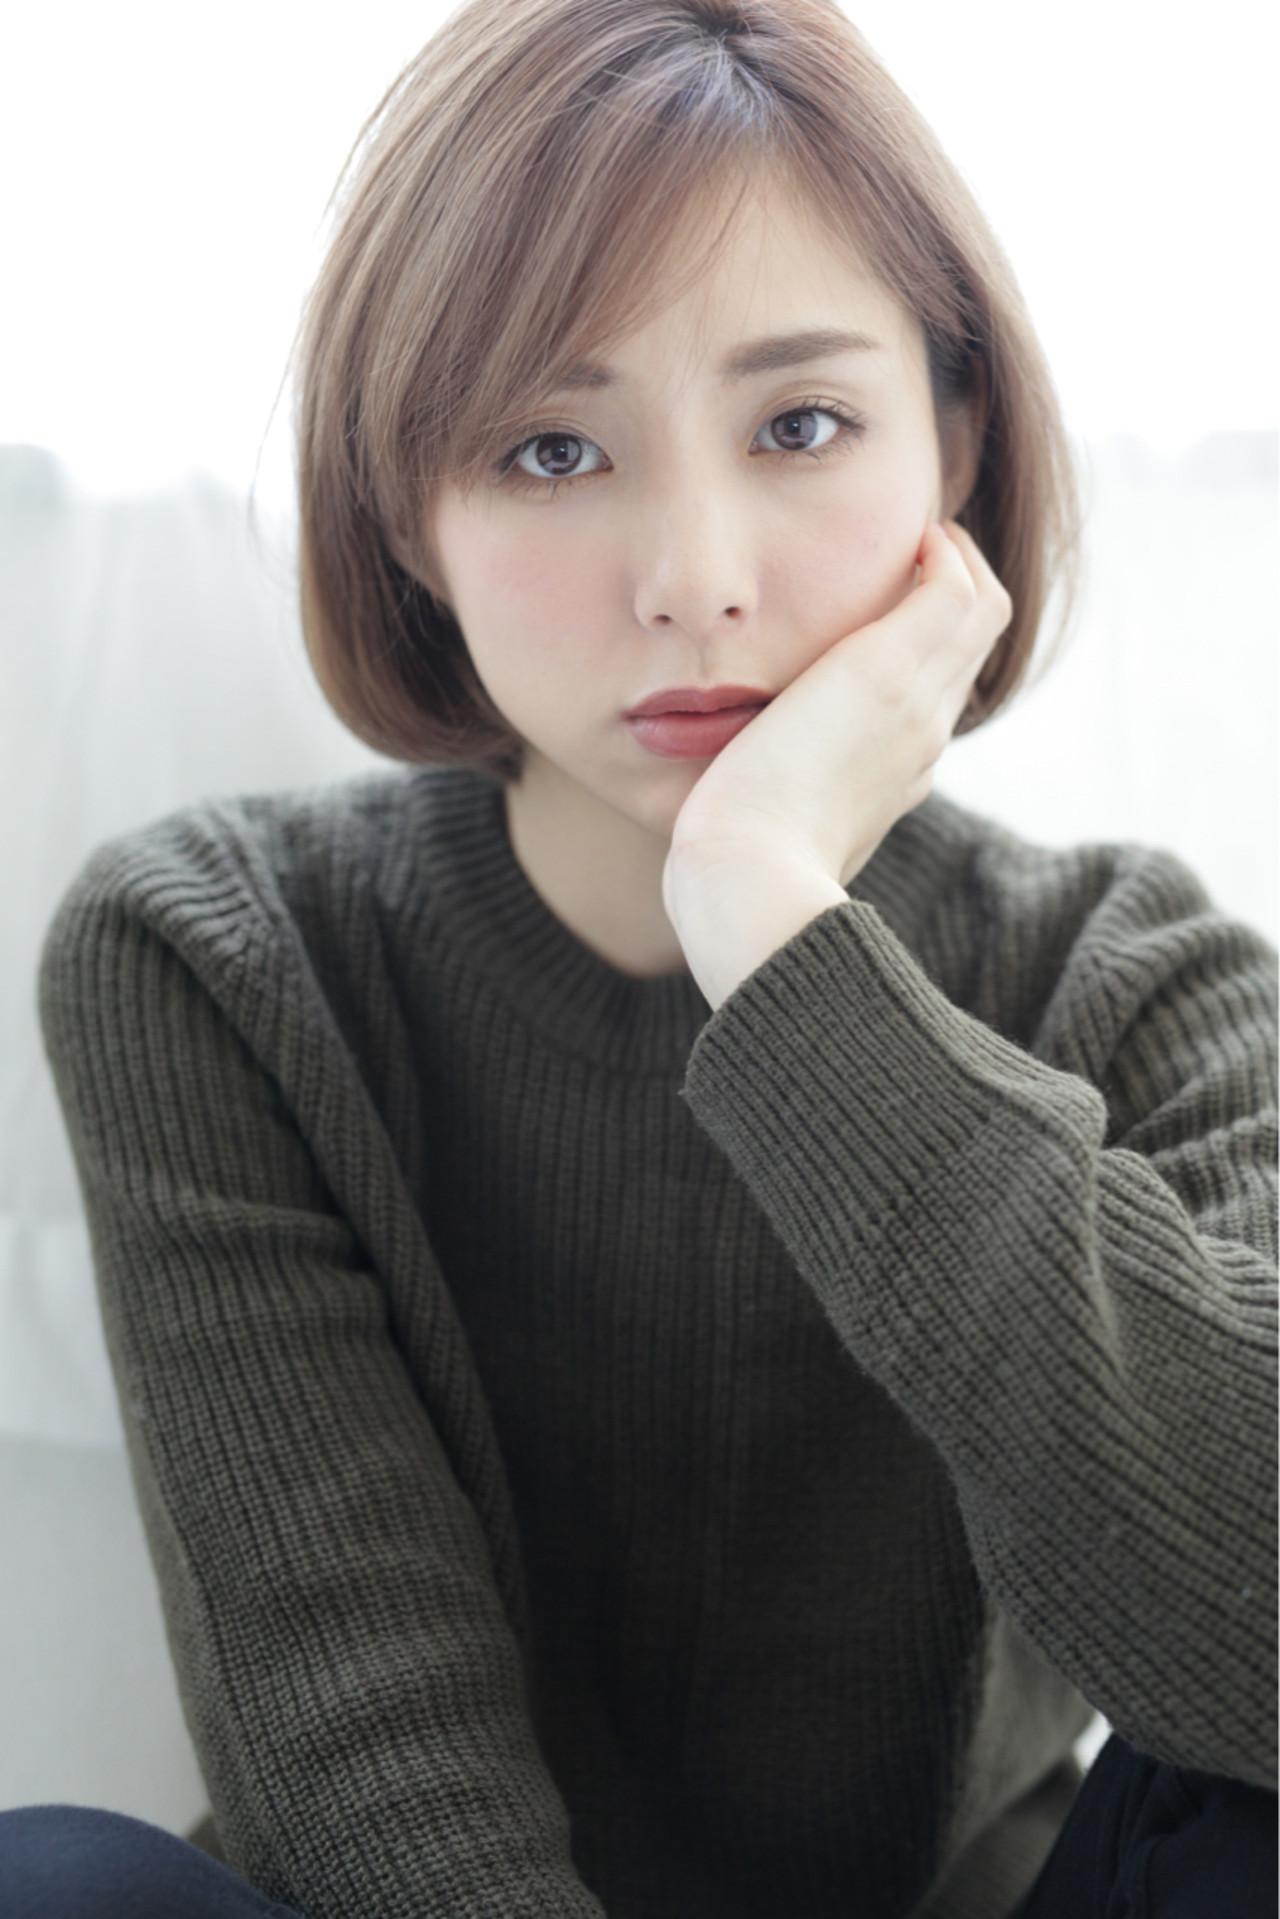 ショートボブならふわっとカワイイ♡ 石田 学史 | DISHEL